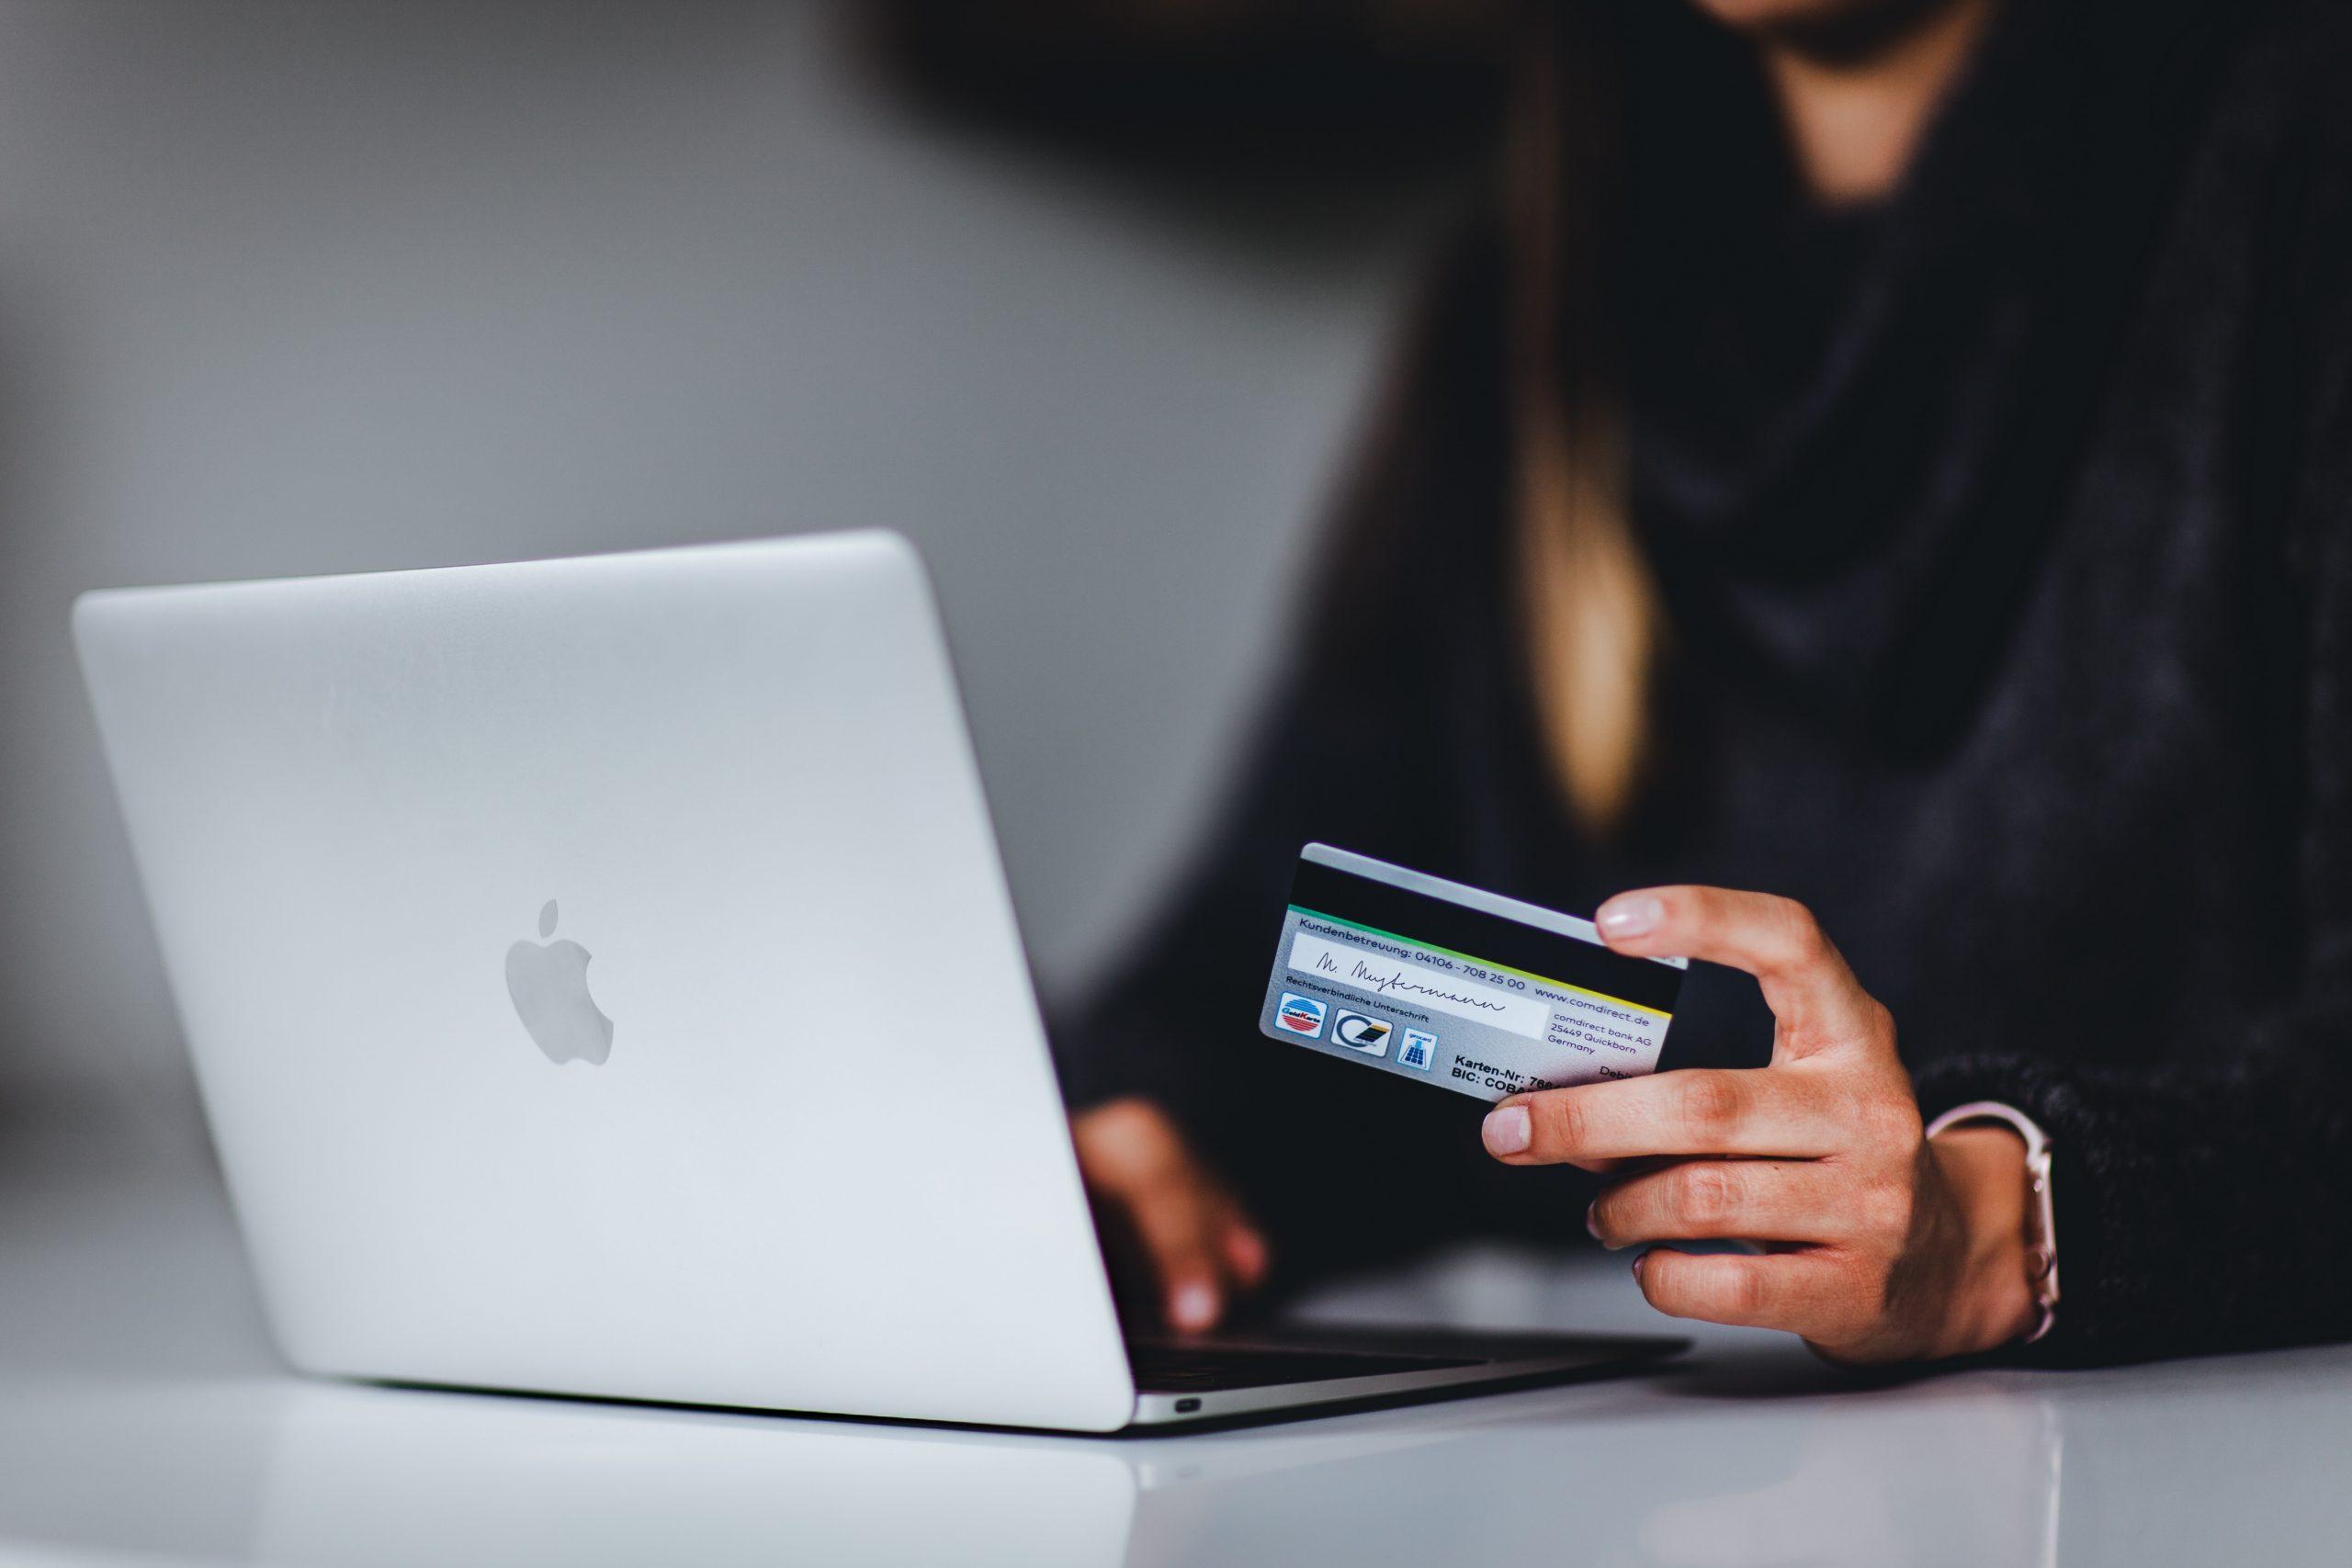 Come acquistare online in modo sicuro e senza truffe